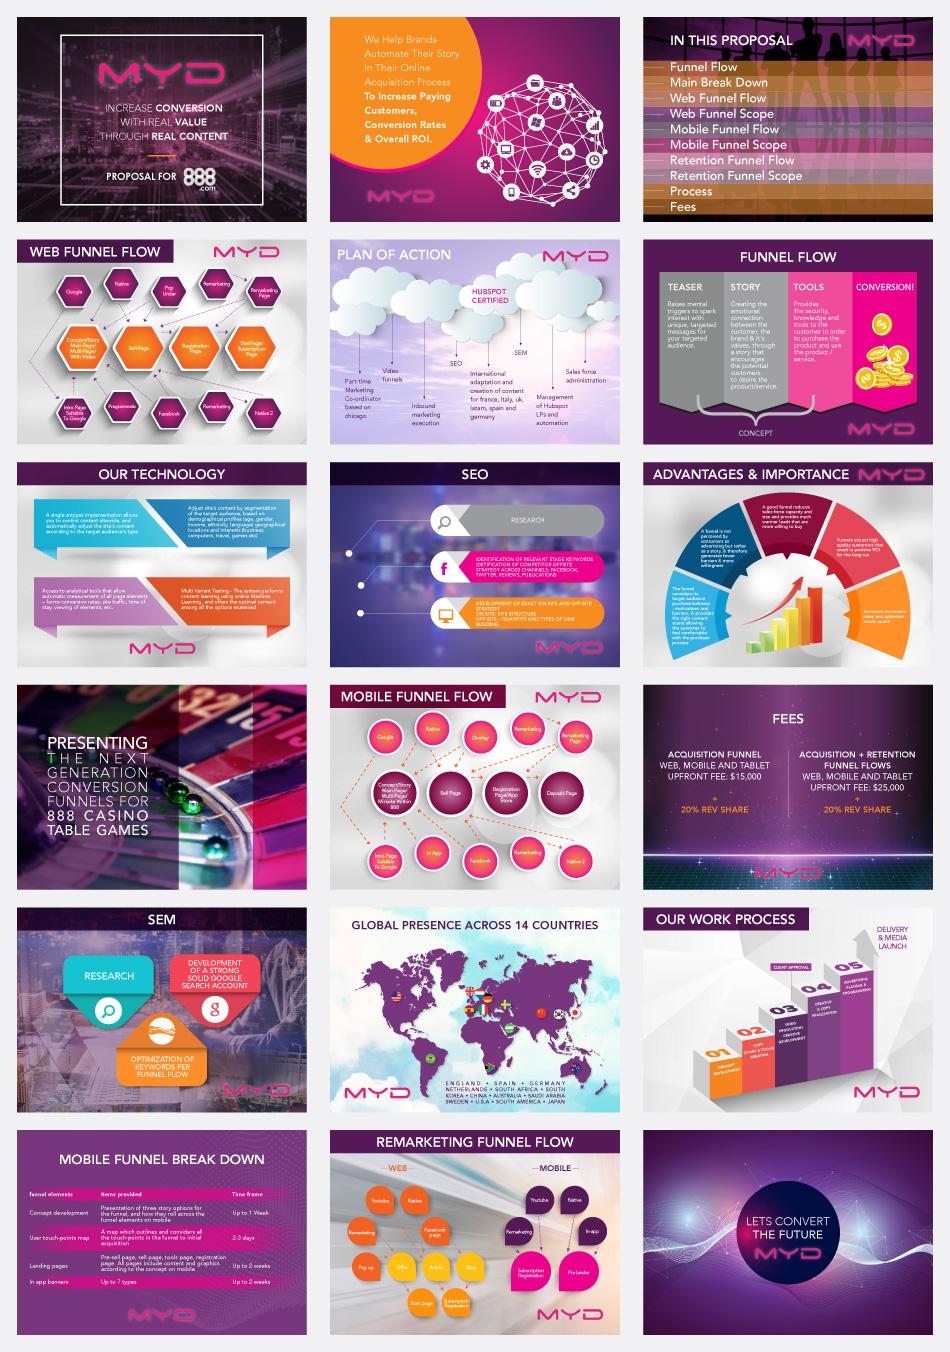 עיצוב גרפי למצגת לחברת MYD